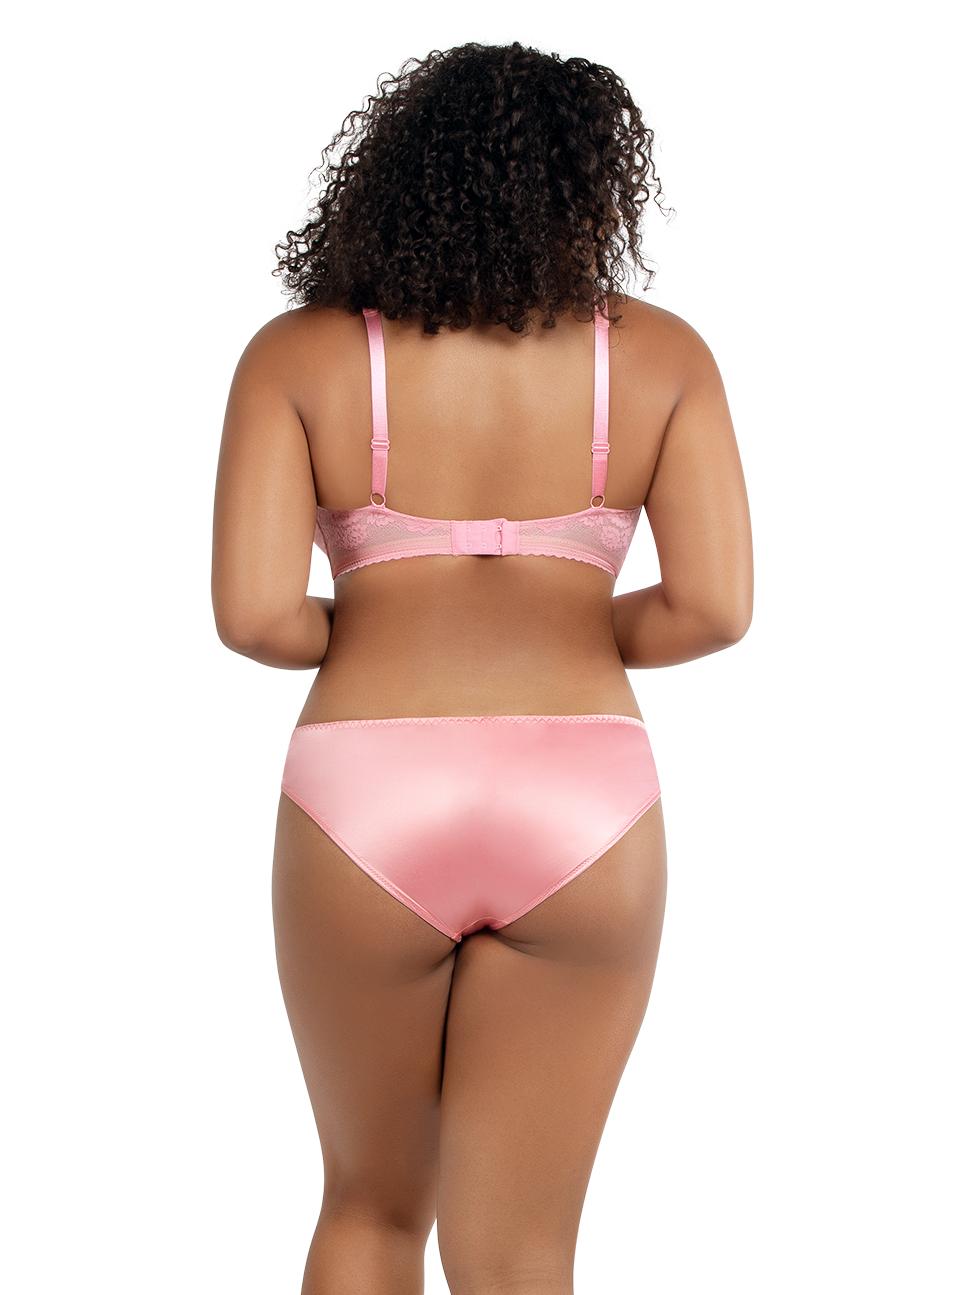 PARFAIT Jade PaddedBraletteA1651 BikiniA1653 FlamingoPink Back - Jade Padded Bralette Flamingo Pink A1651